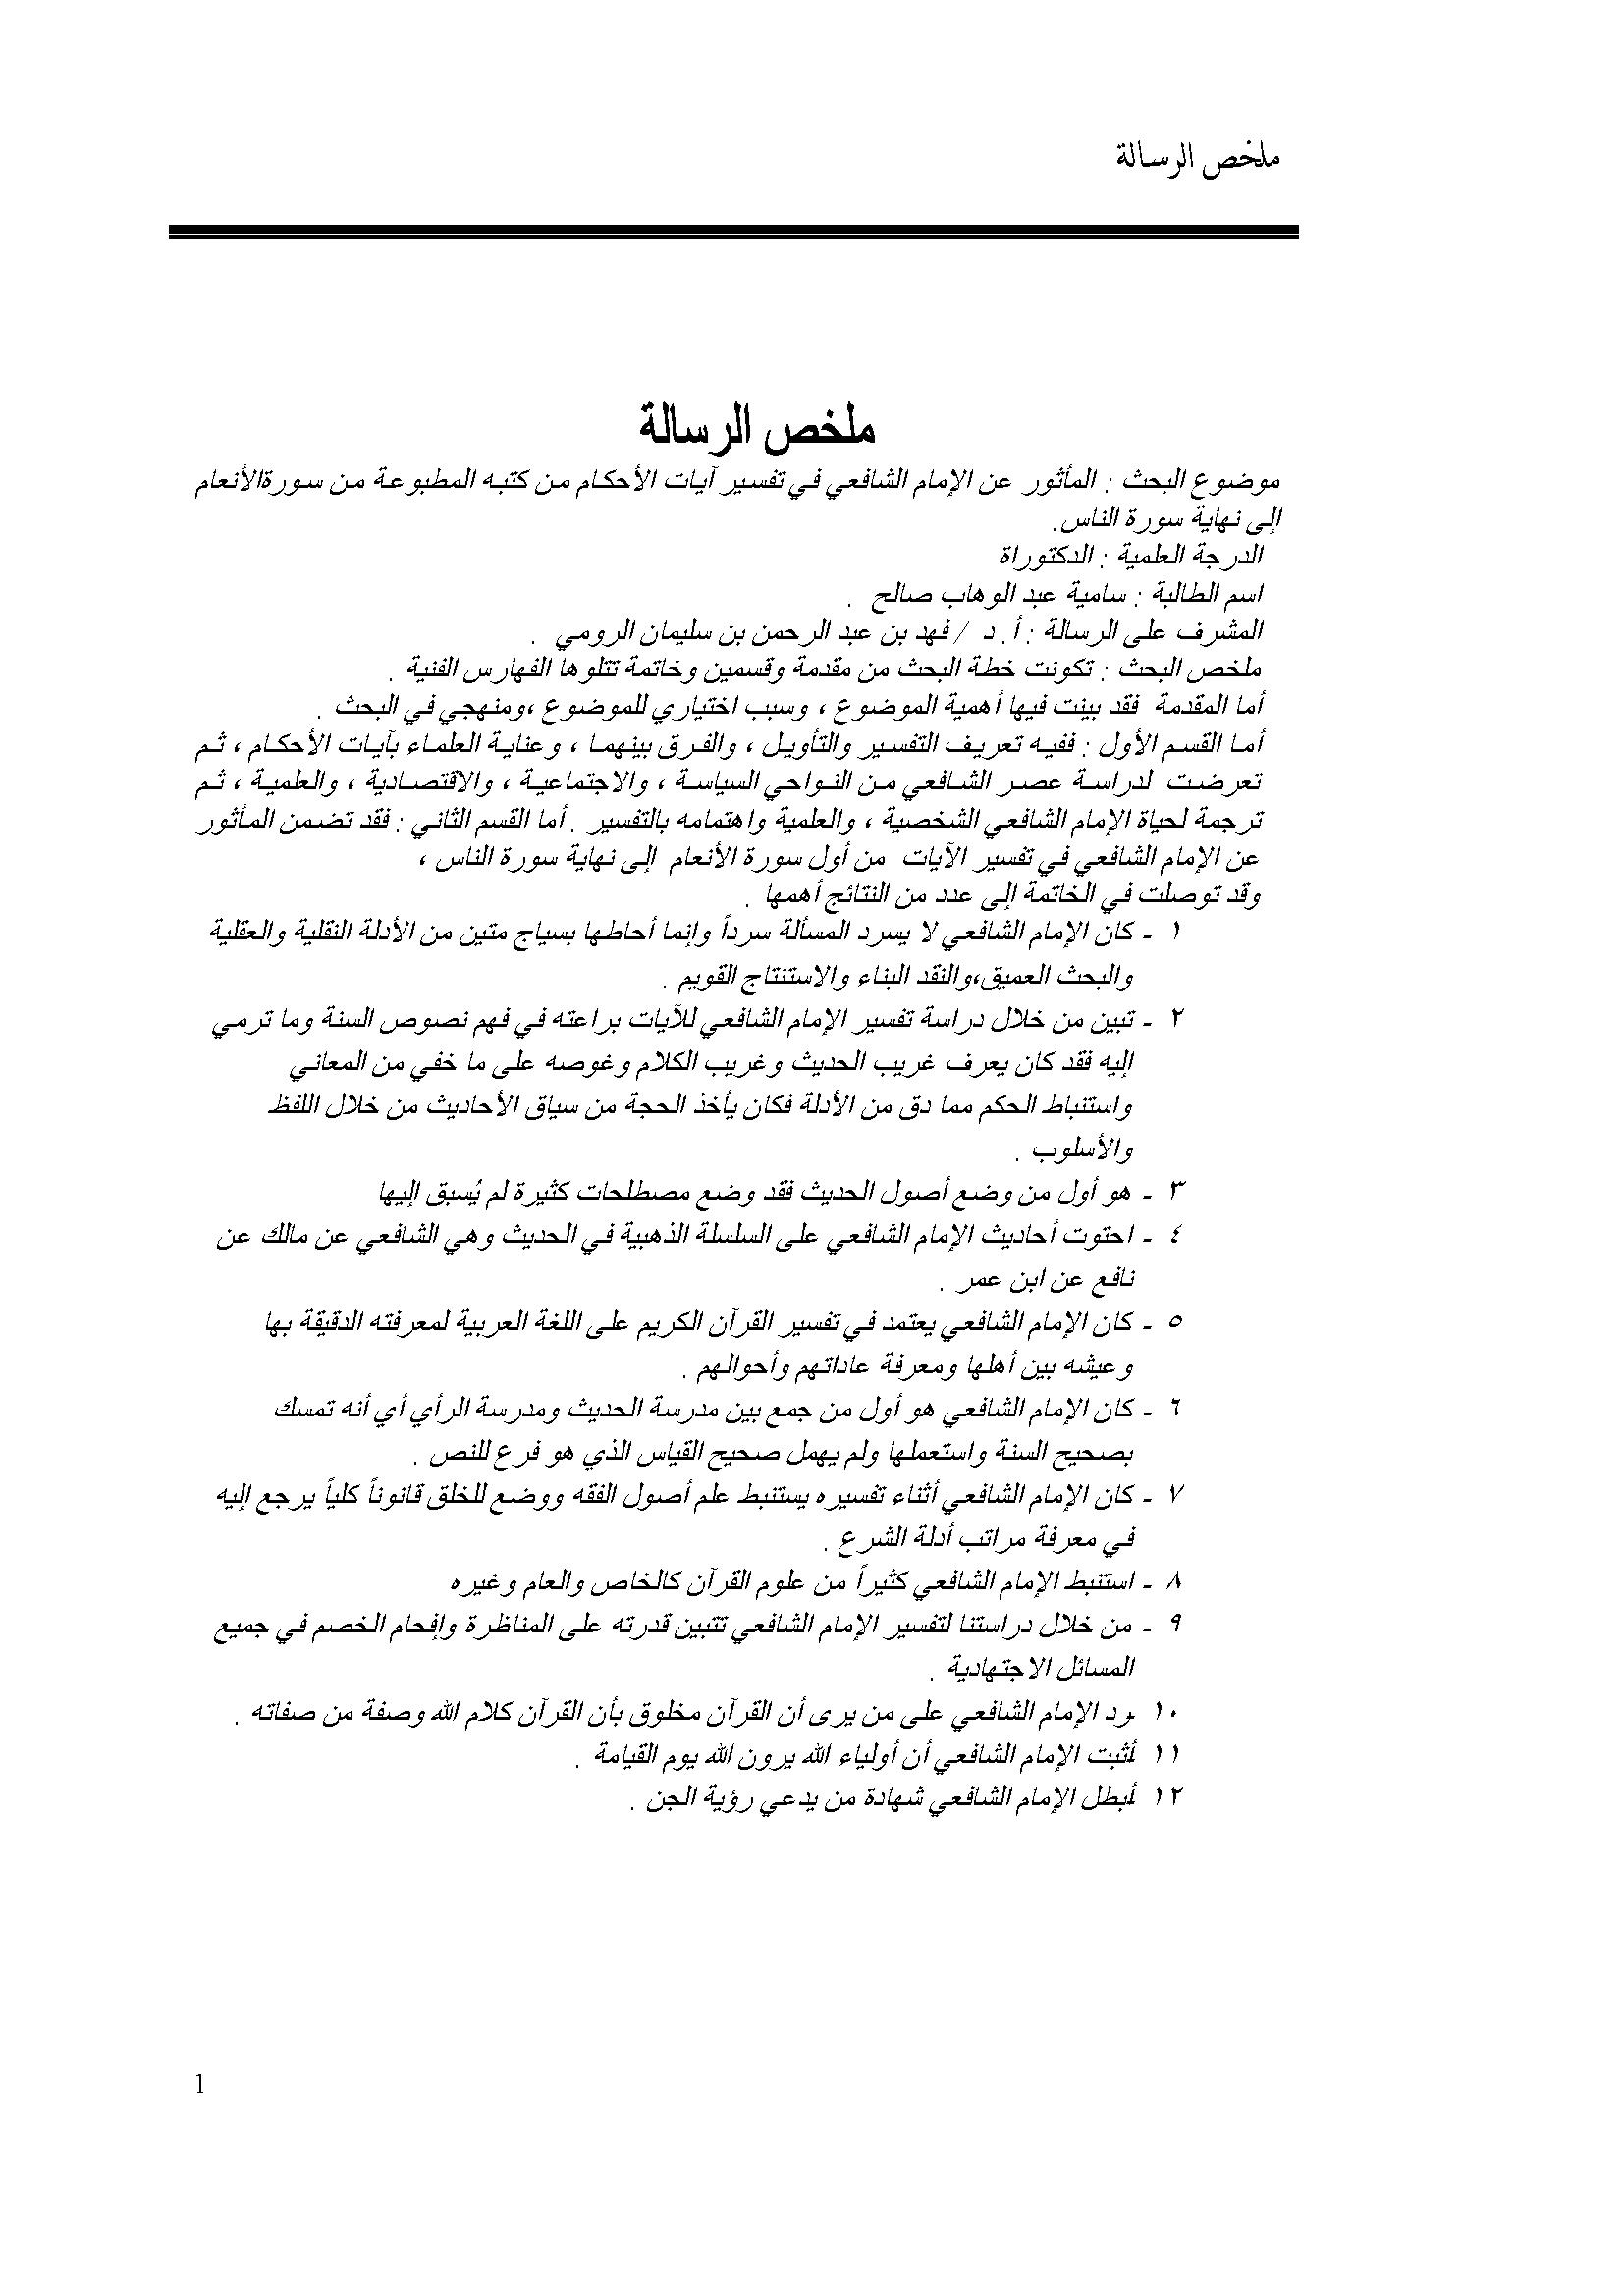 تحميل كتاب المأثور عن الإمام الشافعي في تفسير آيات الأحكام من كتبه المطبوعة من سورة الأنعام إلى نهاية سورة الناس لـِ: سامية عبد الوهاب صالح